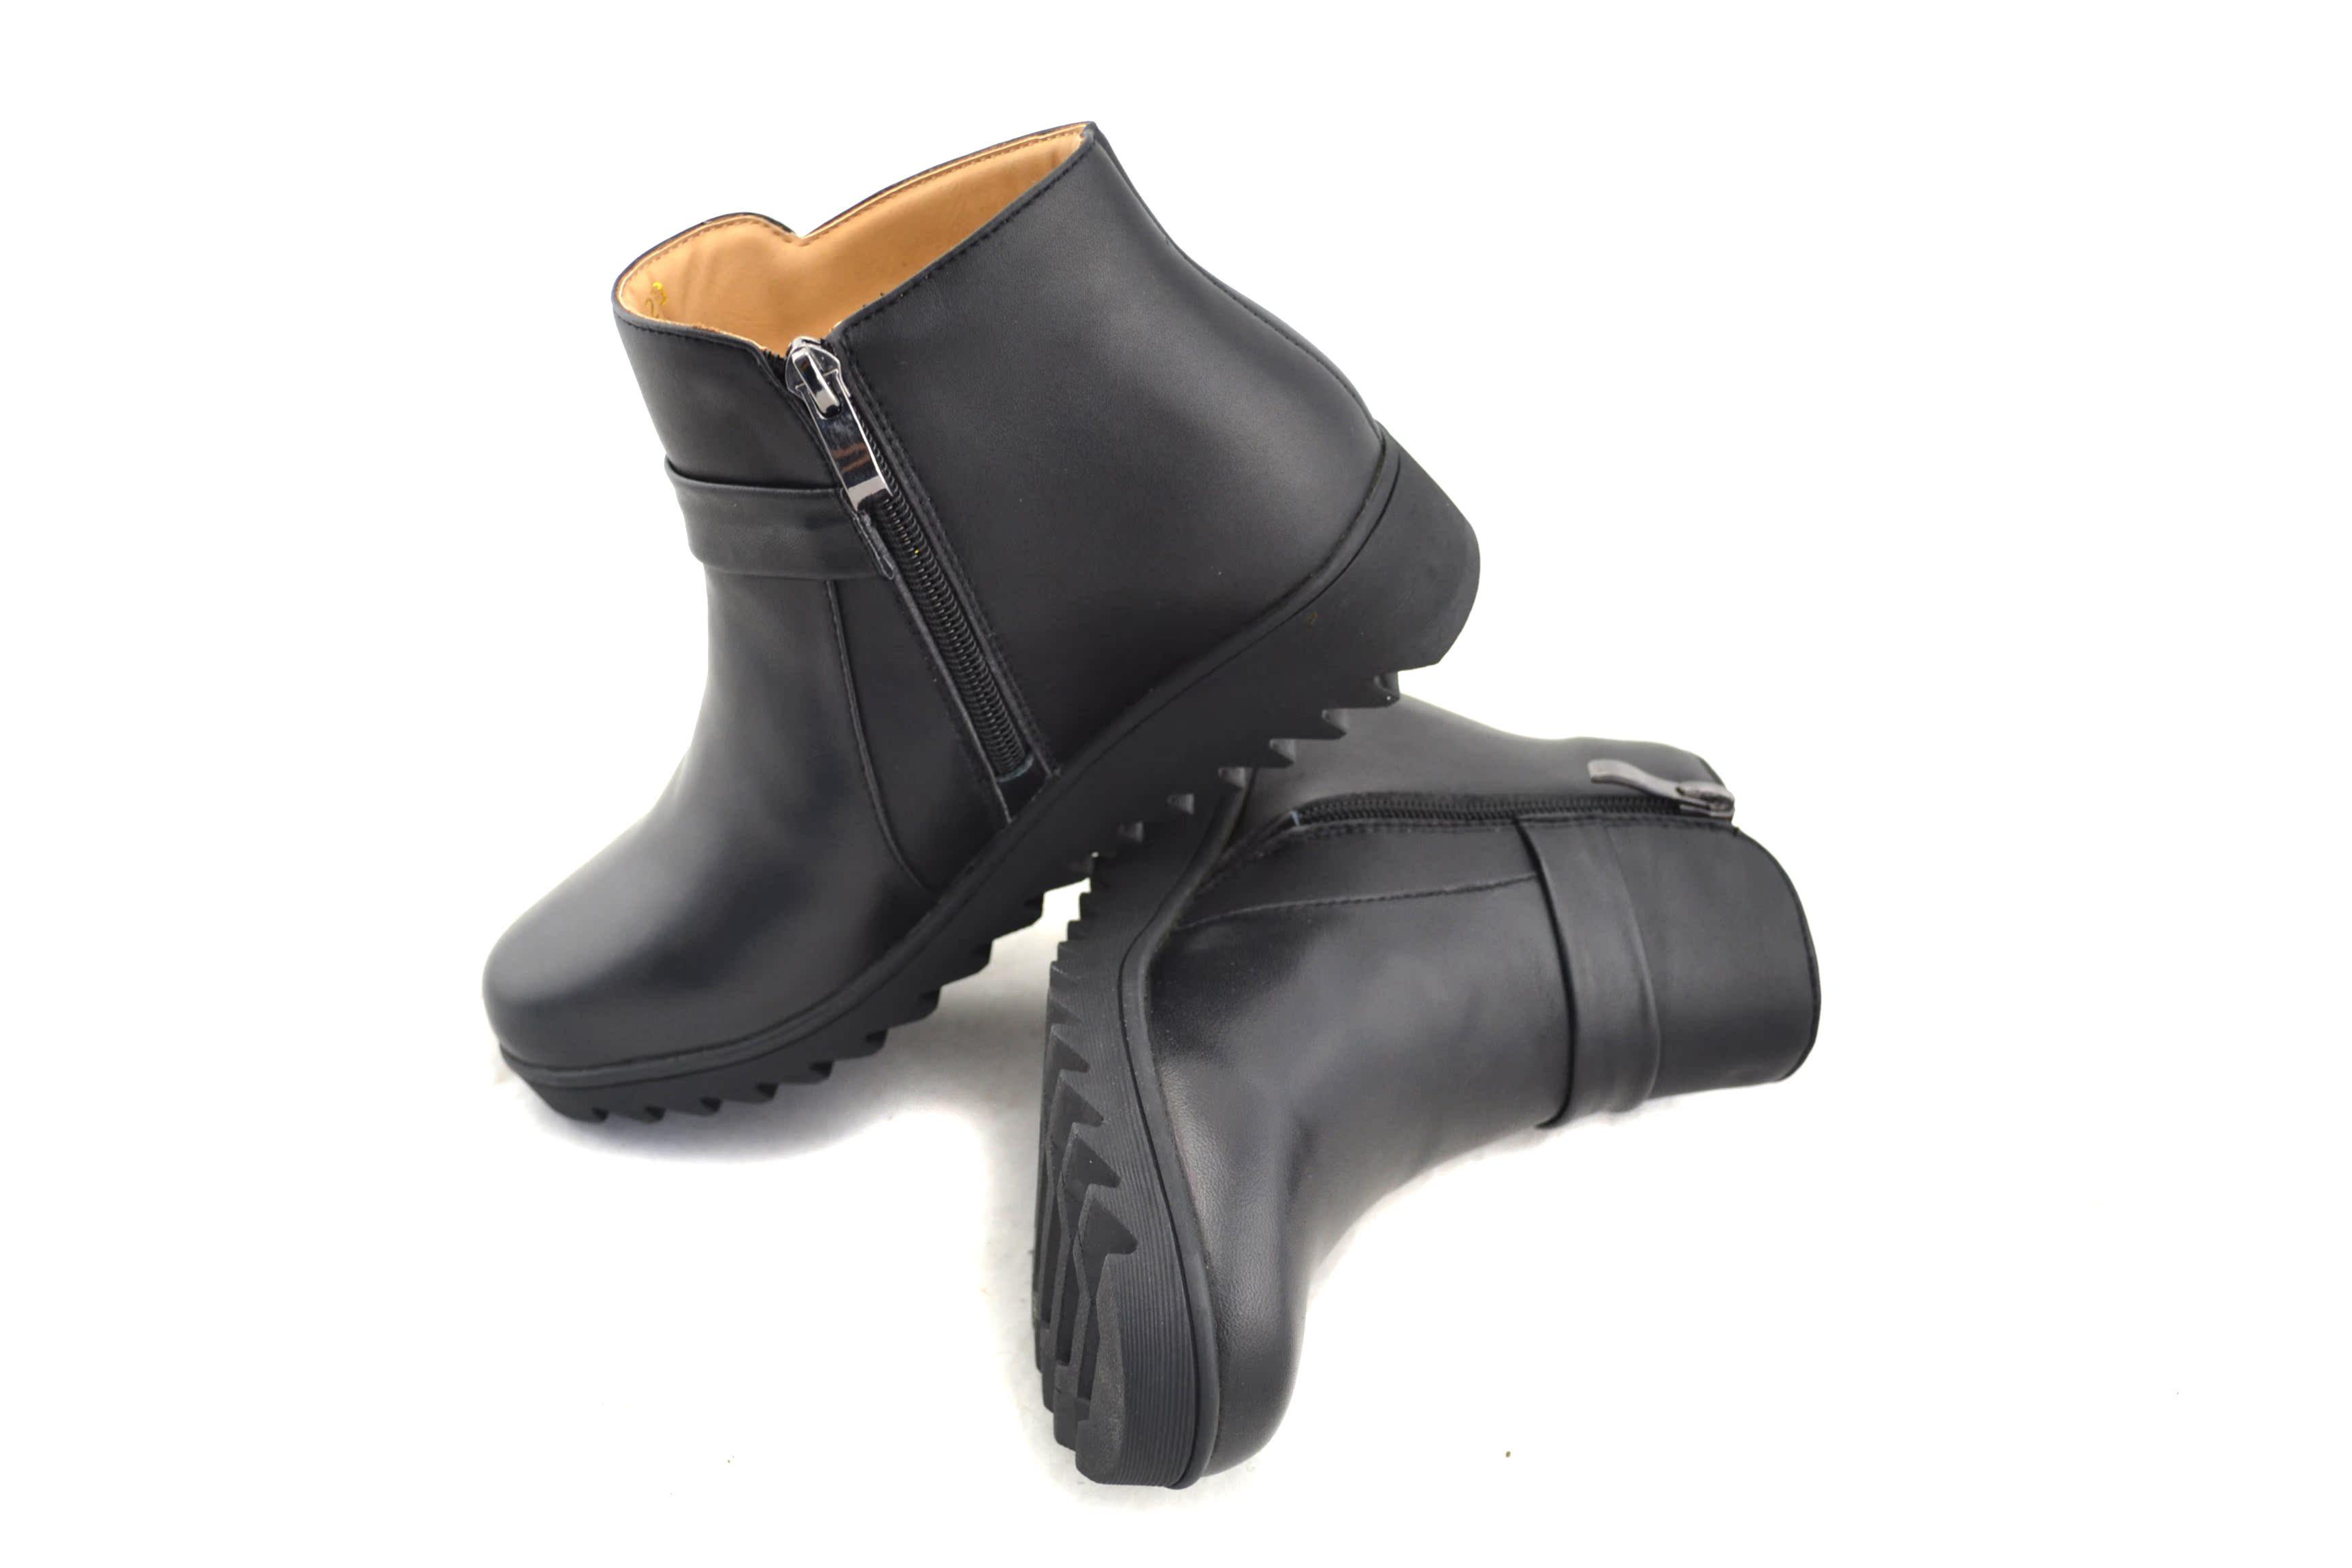 3515强人皮鞋牛皮真皮羊毛靴保暖靴防滑靴妈妈鞋户外鞋保暖舒适